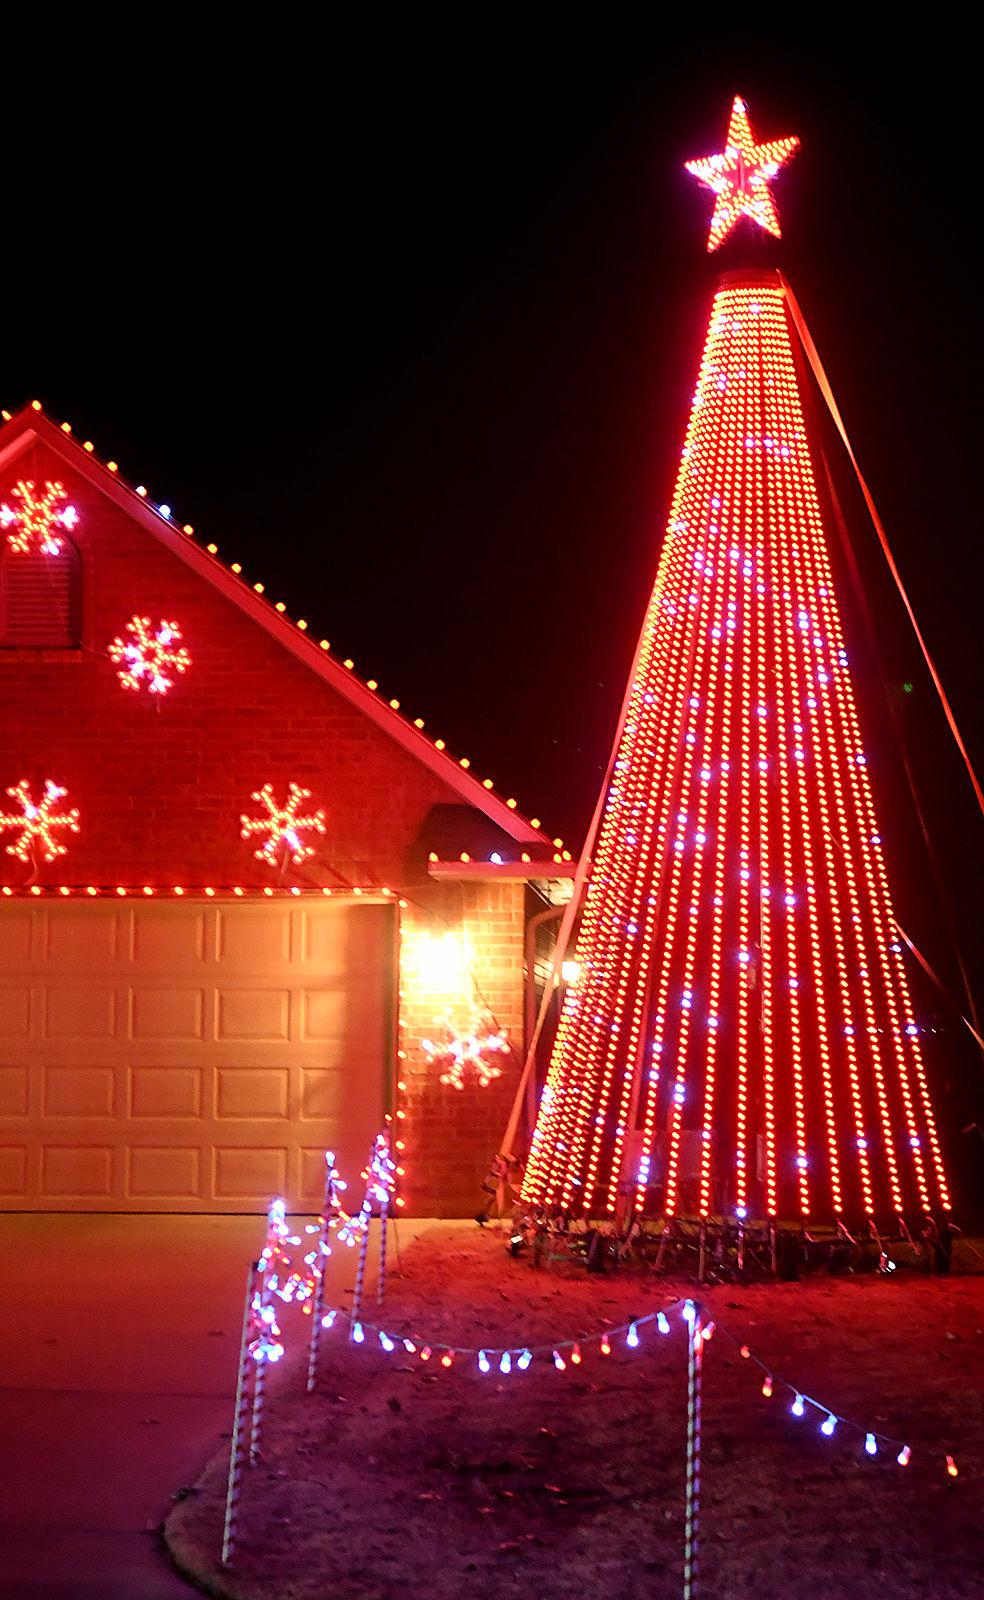 Christmas Lights 24 BH.jpg